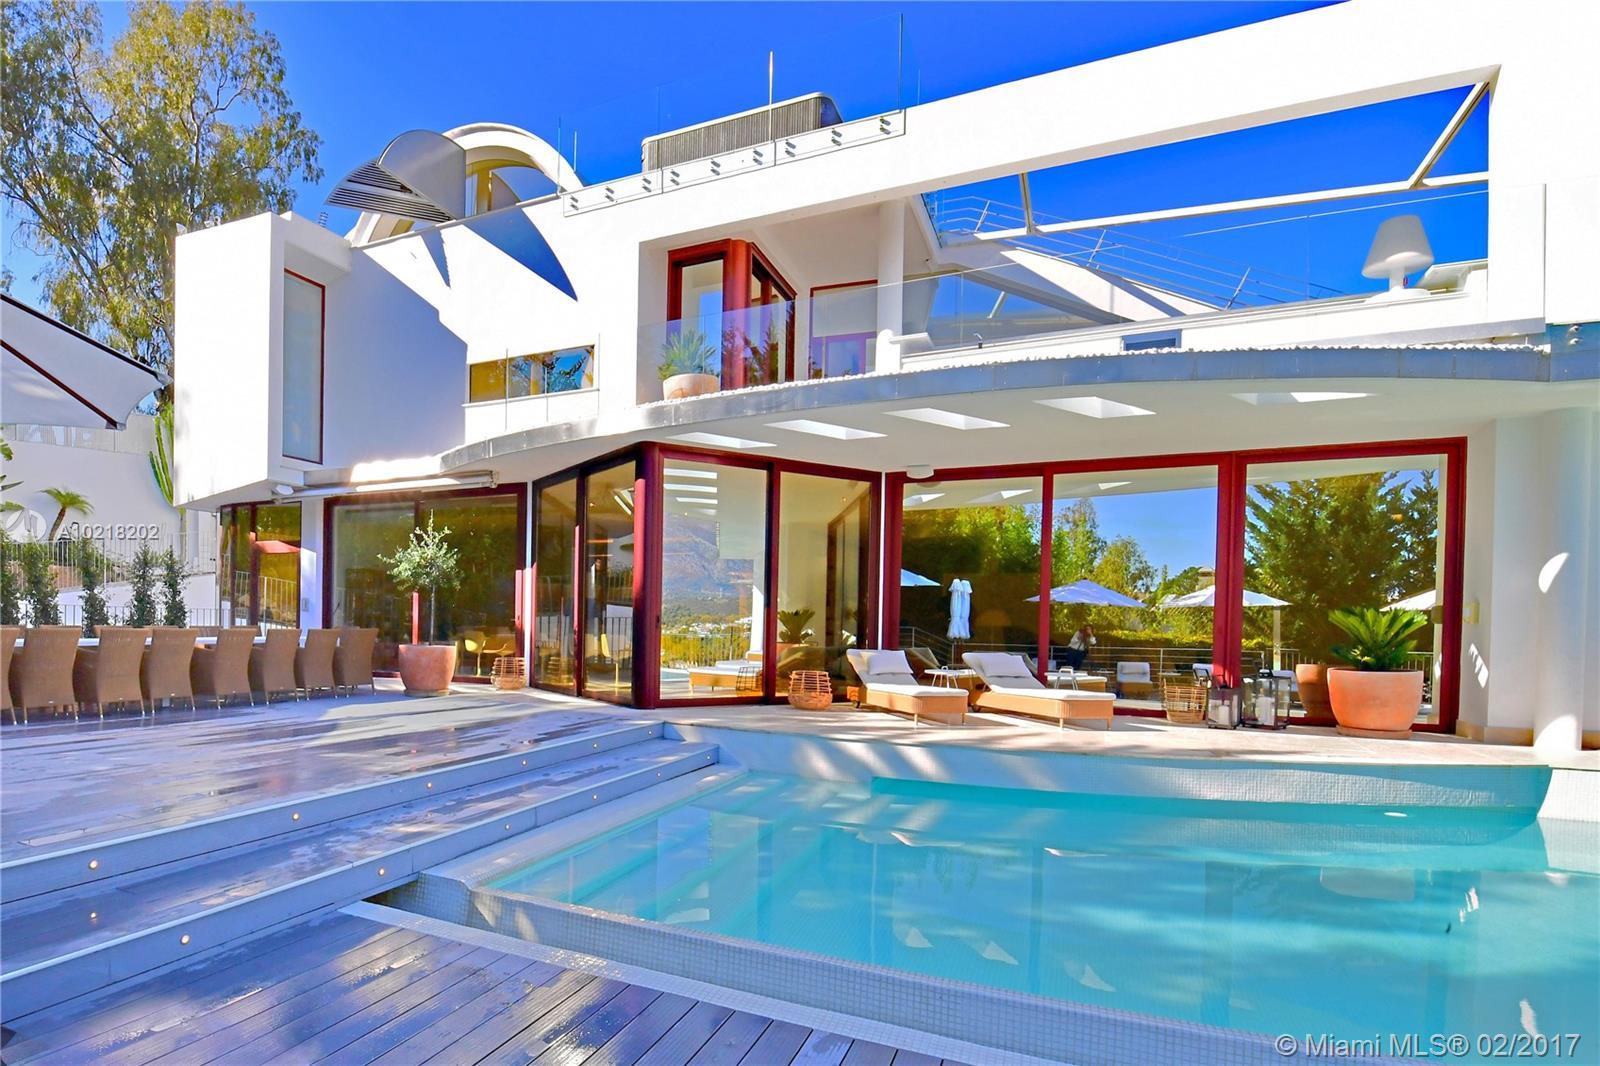 image #1 of property, Ave Calderon De Barca 4a